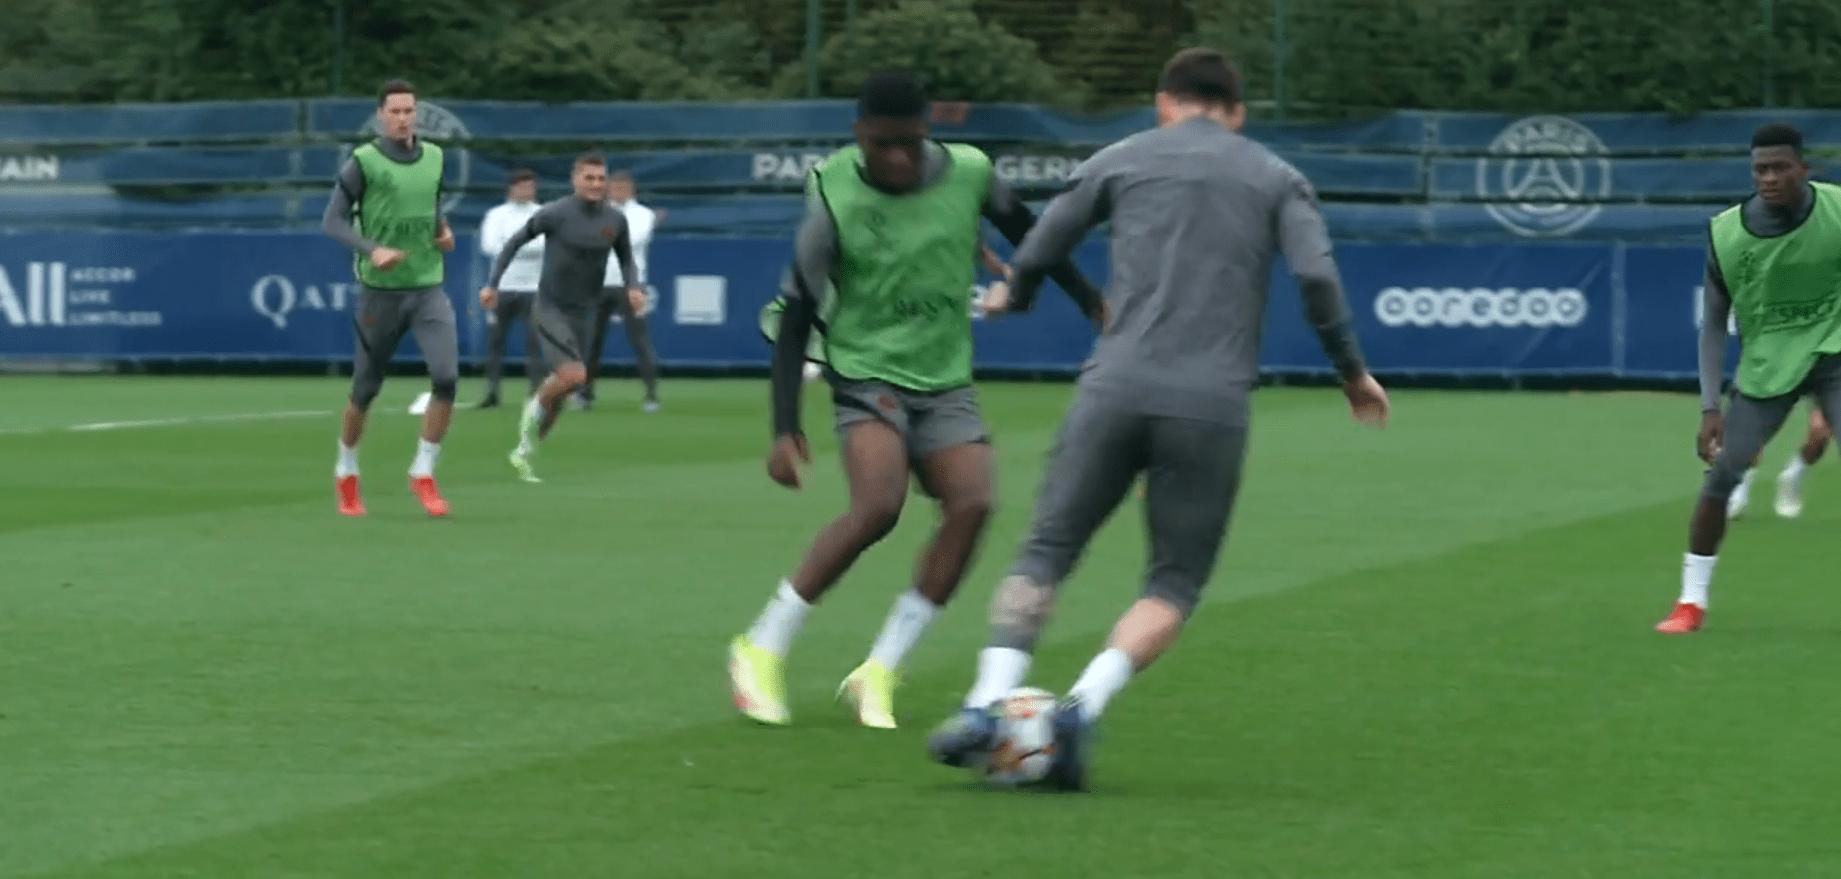 PSG/City - Retrouvez des extraits de l'entraînement auprès de Messi